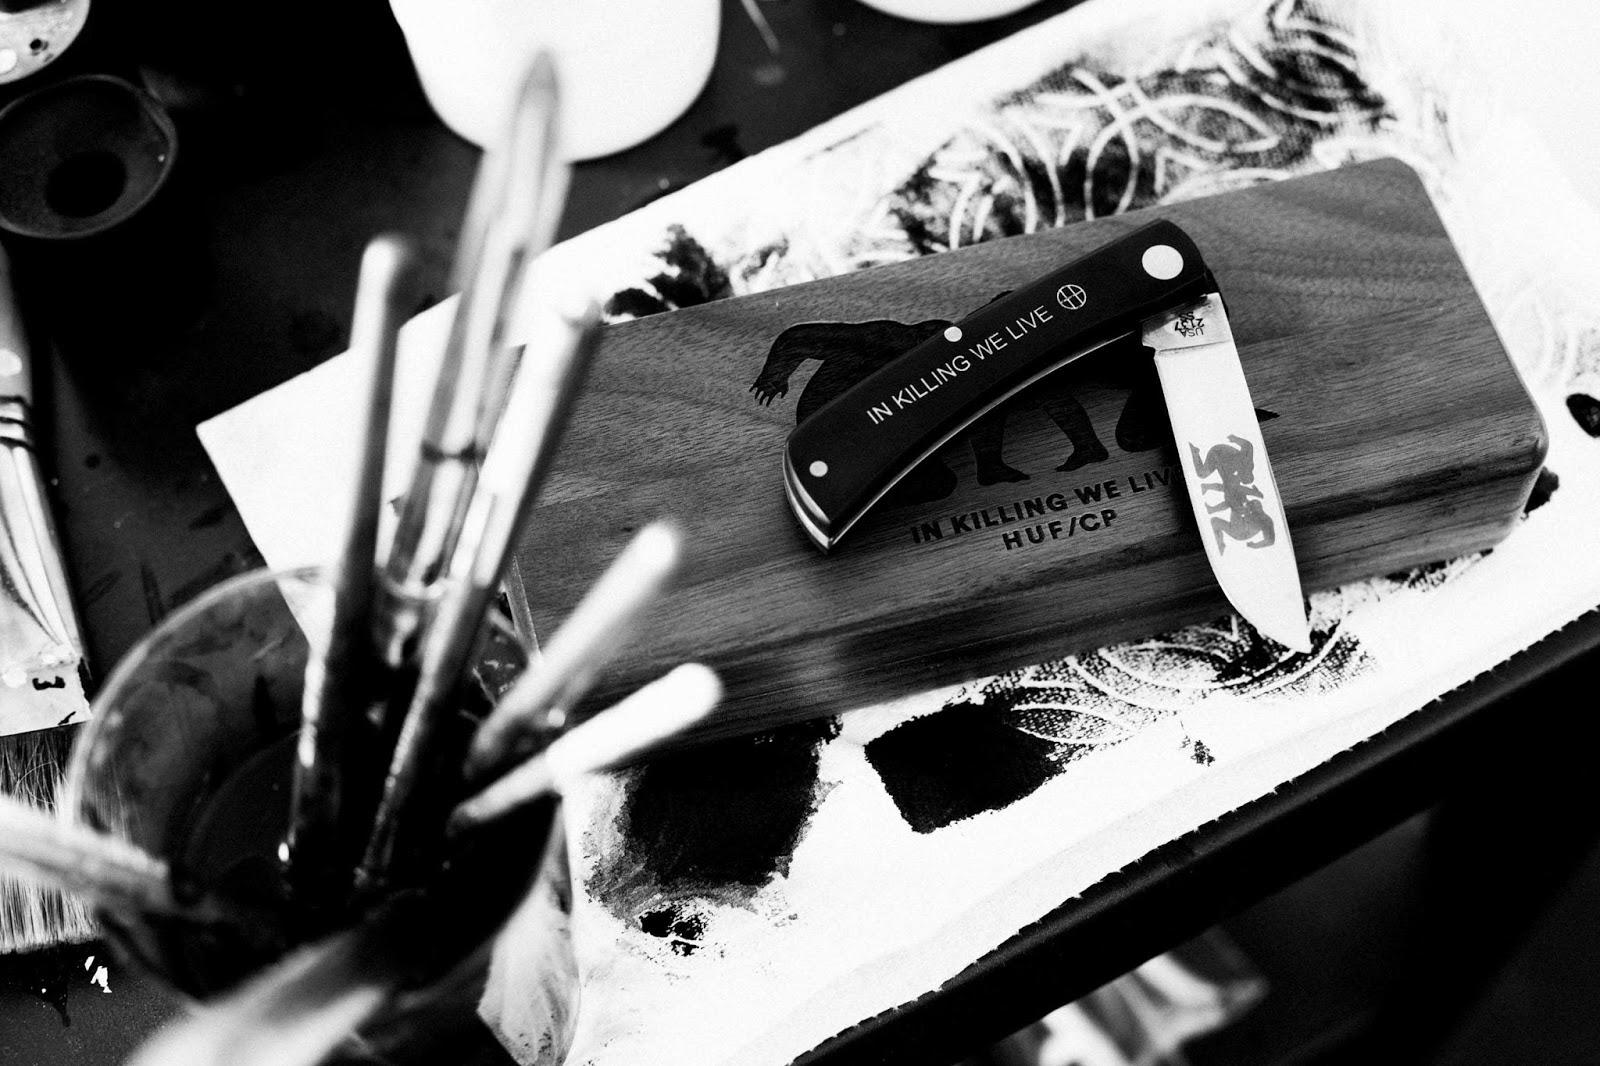 huf cleon peterson parceria 05 - HUF colabora com artista Cleon Peterson